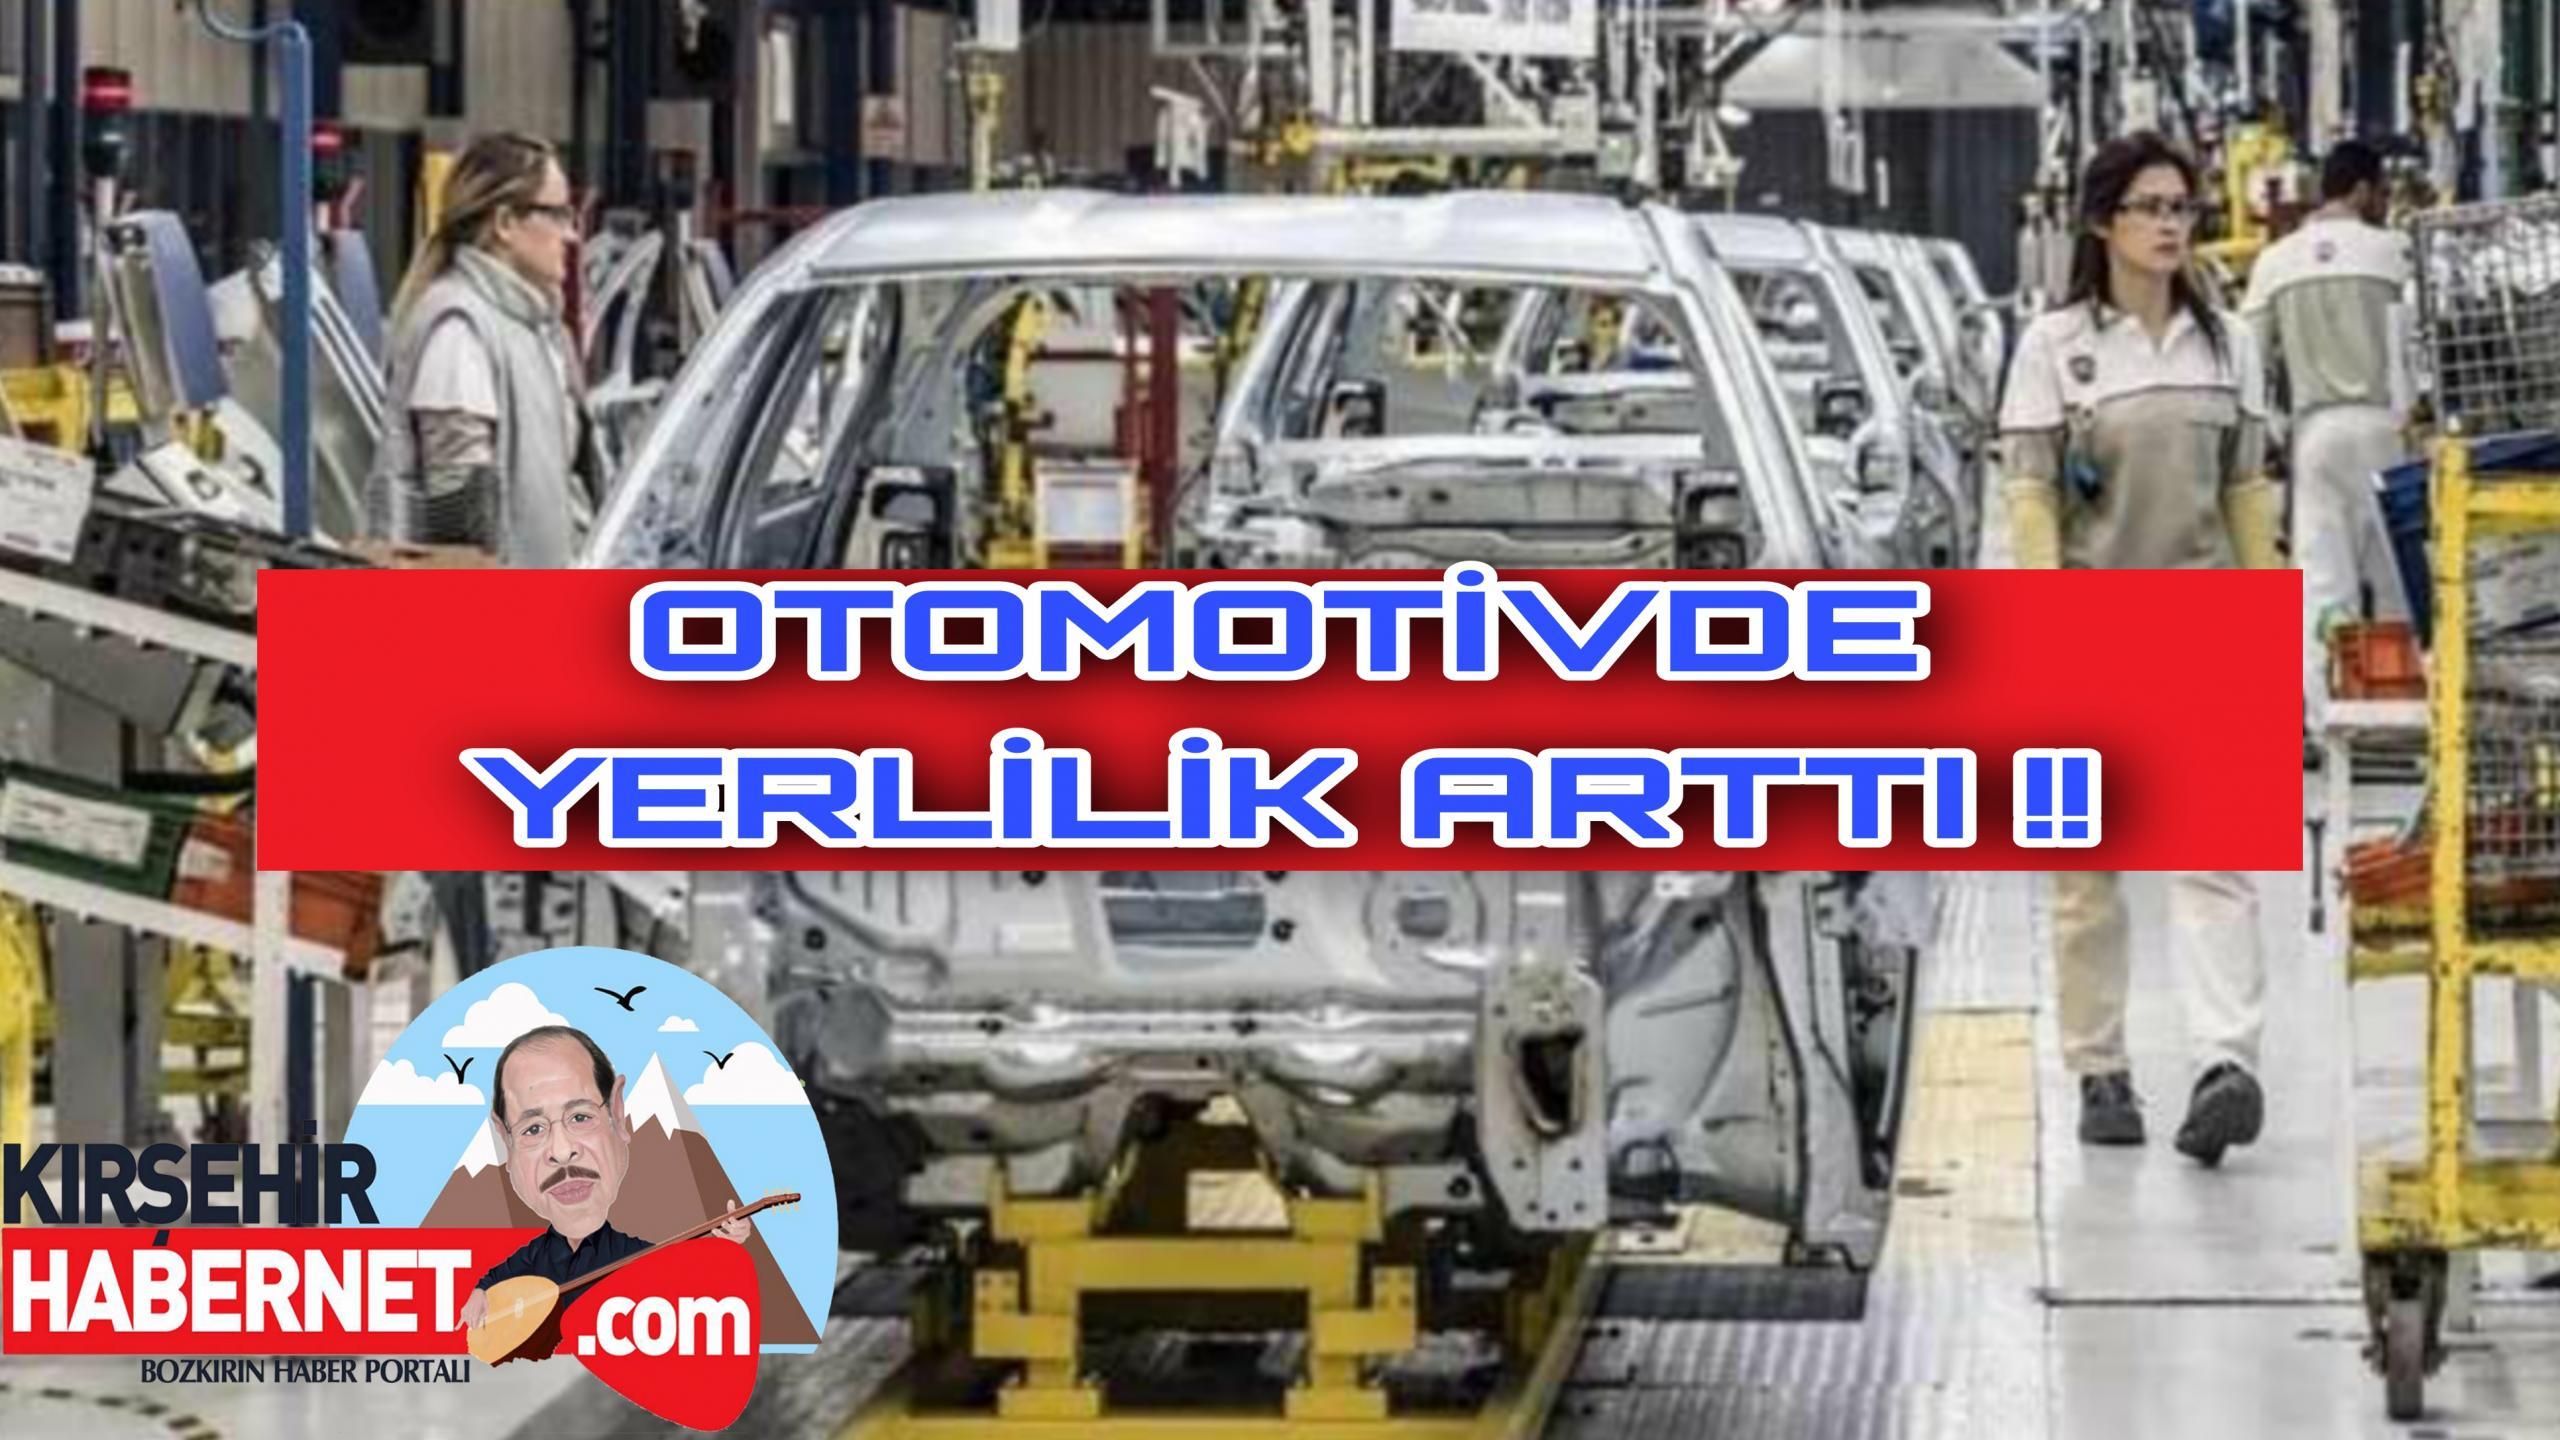 OTOMOTİVDE YERLİLİK BÜYÜYÜYOR !!